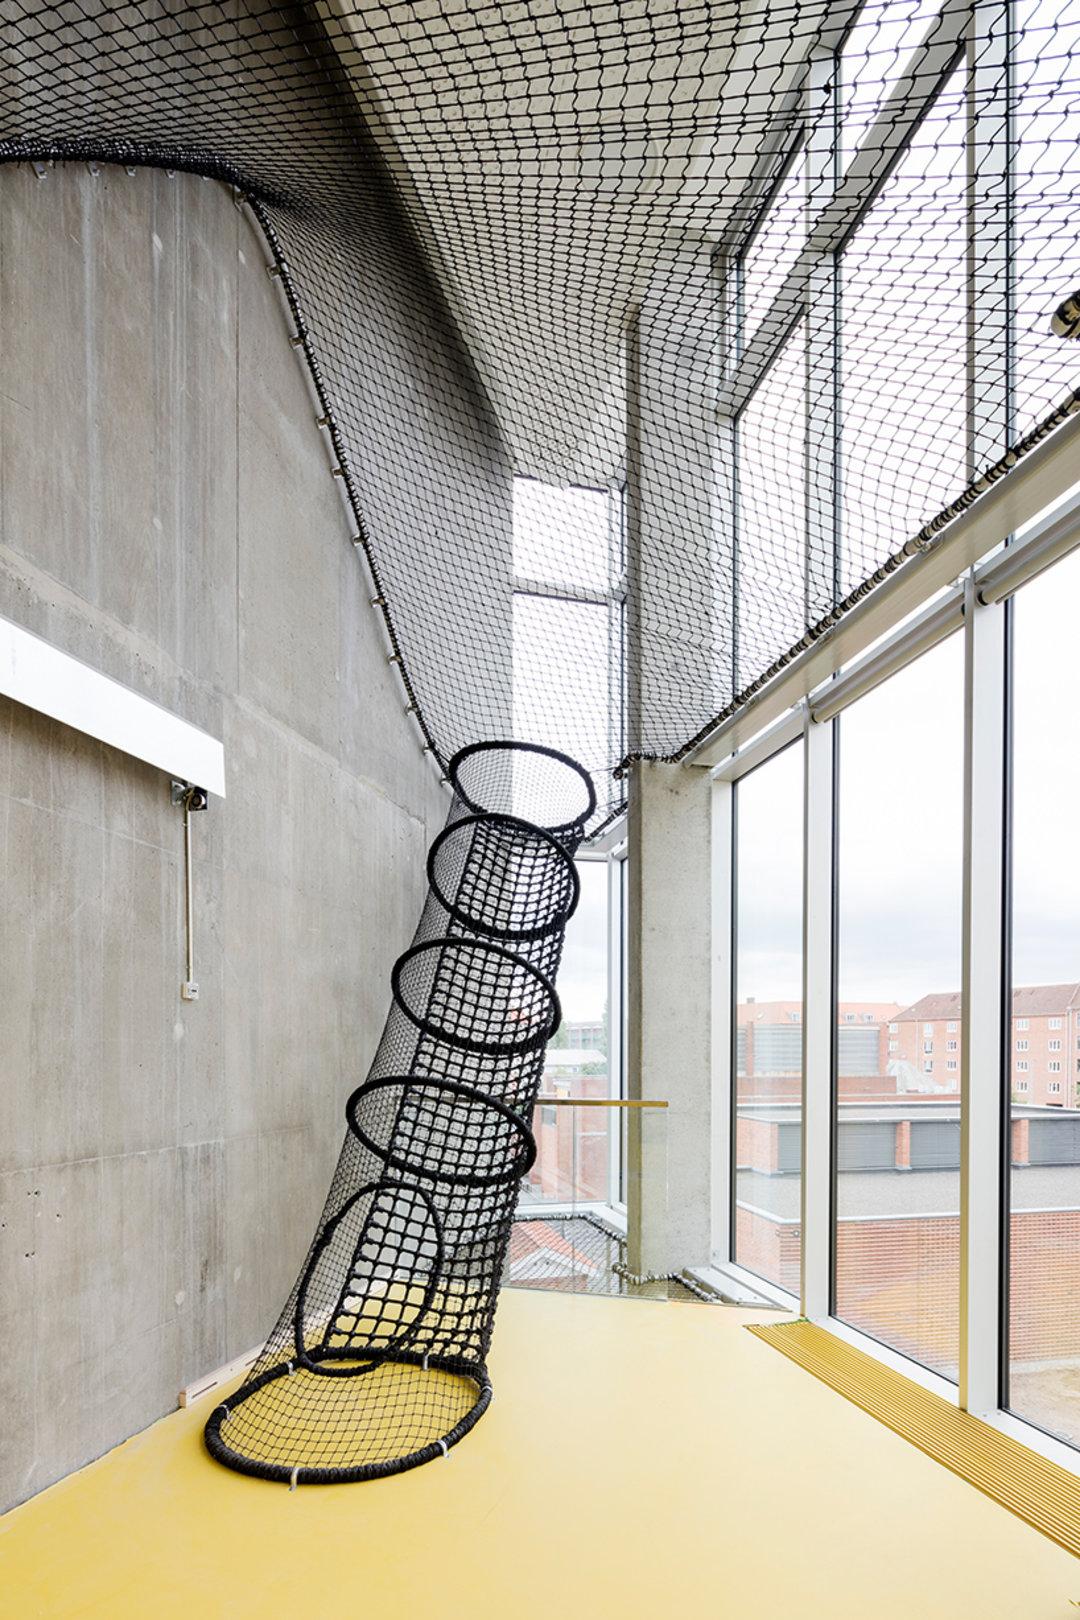 """哥本哈根这个""""游乐场"""",也许可以给我们的公共空间一点启发_设计_好奇心日报"""